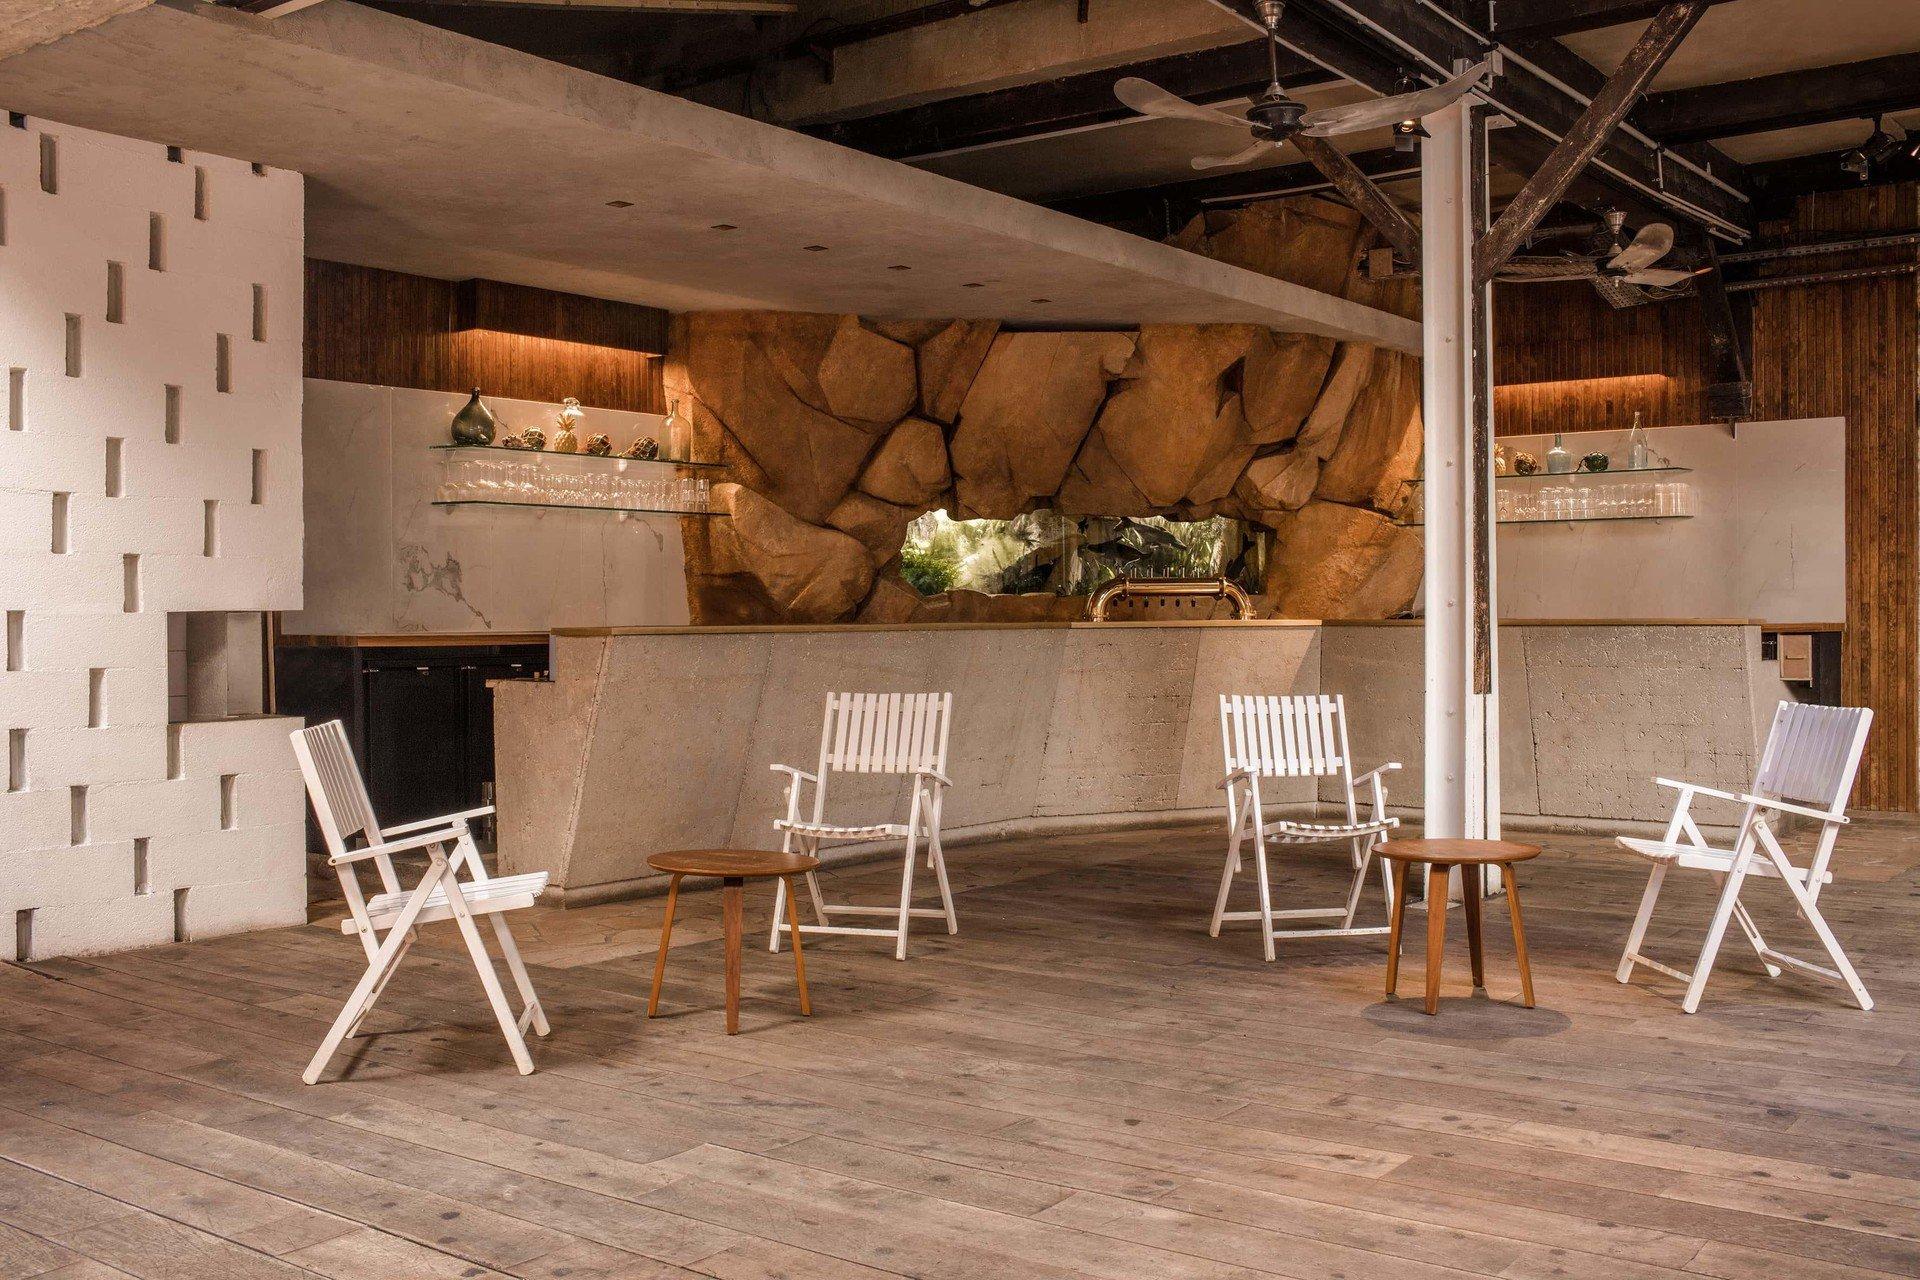 Paris Salles pour événement professionnel Unusual Le Comptoir Général - Salle de l'aquarium image 0